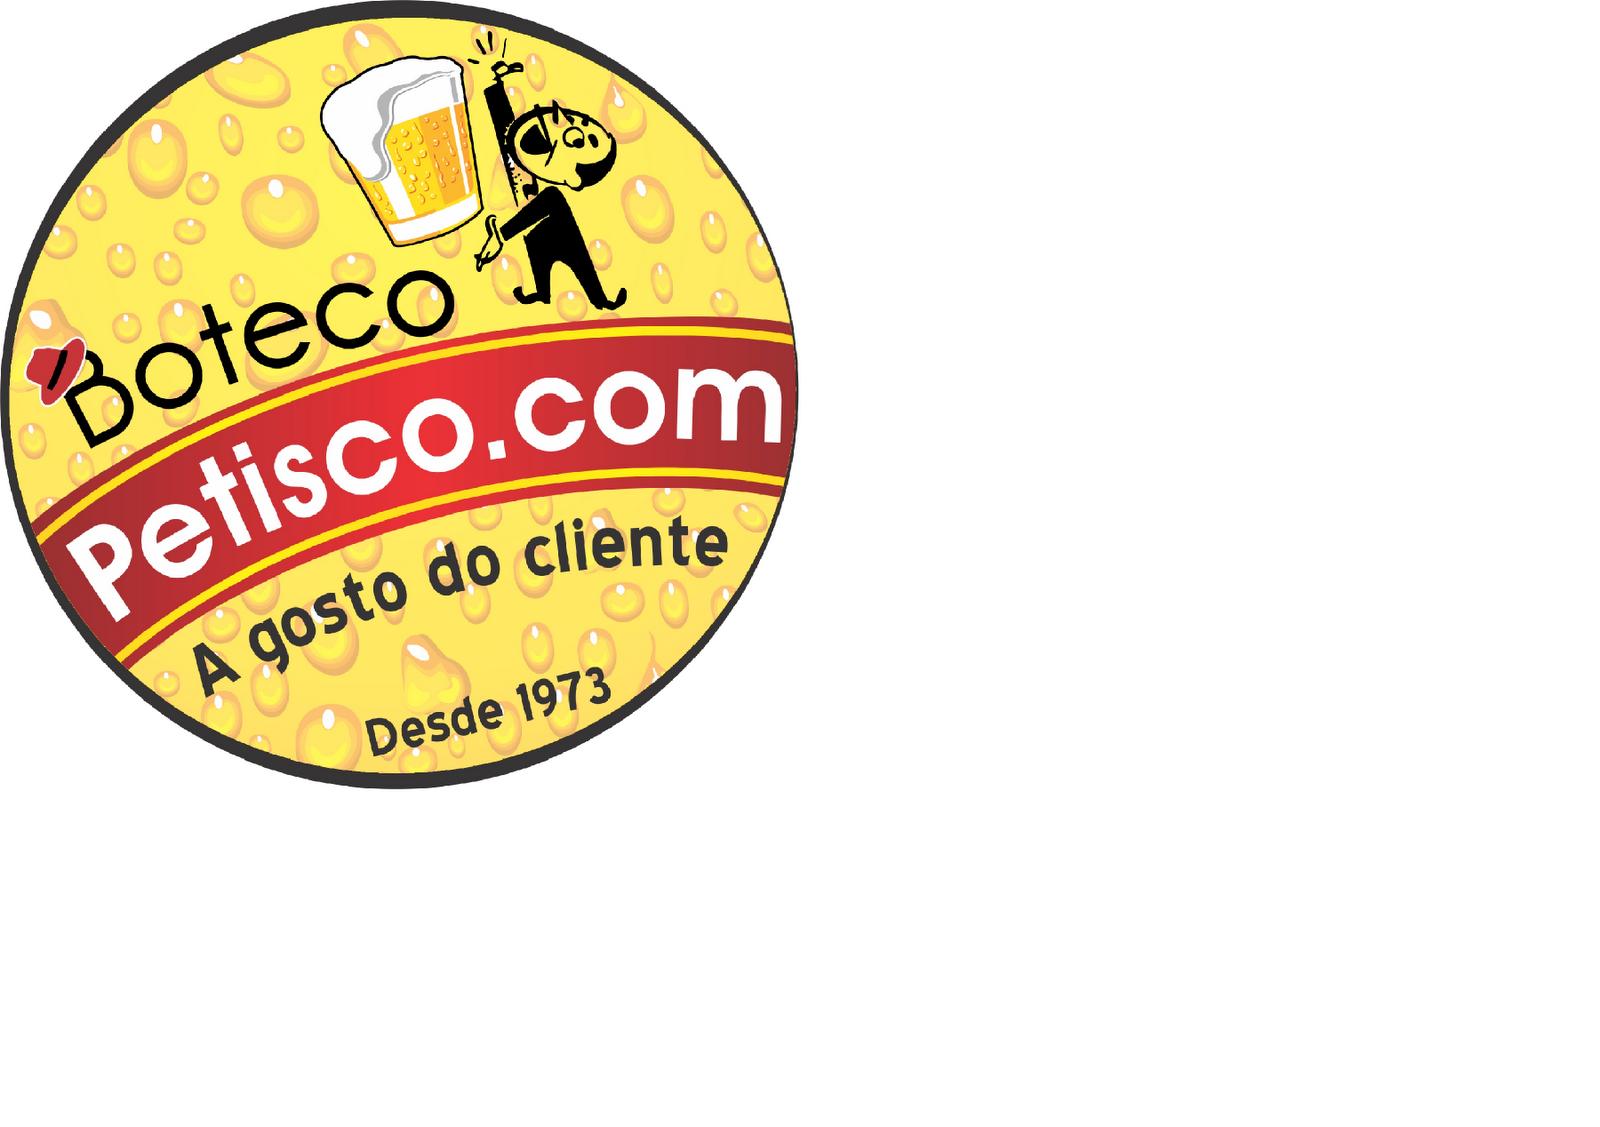 BOTECO PETISCO.COM